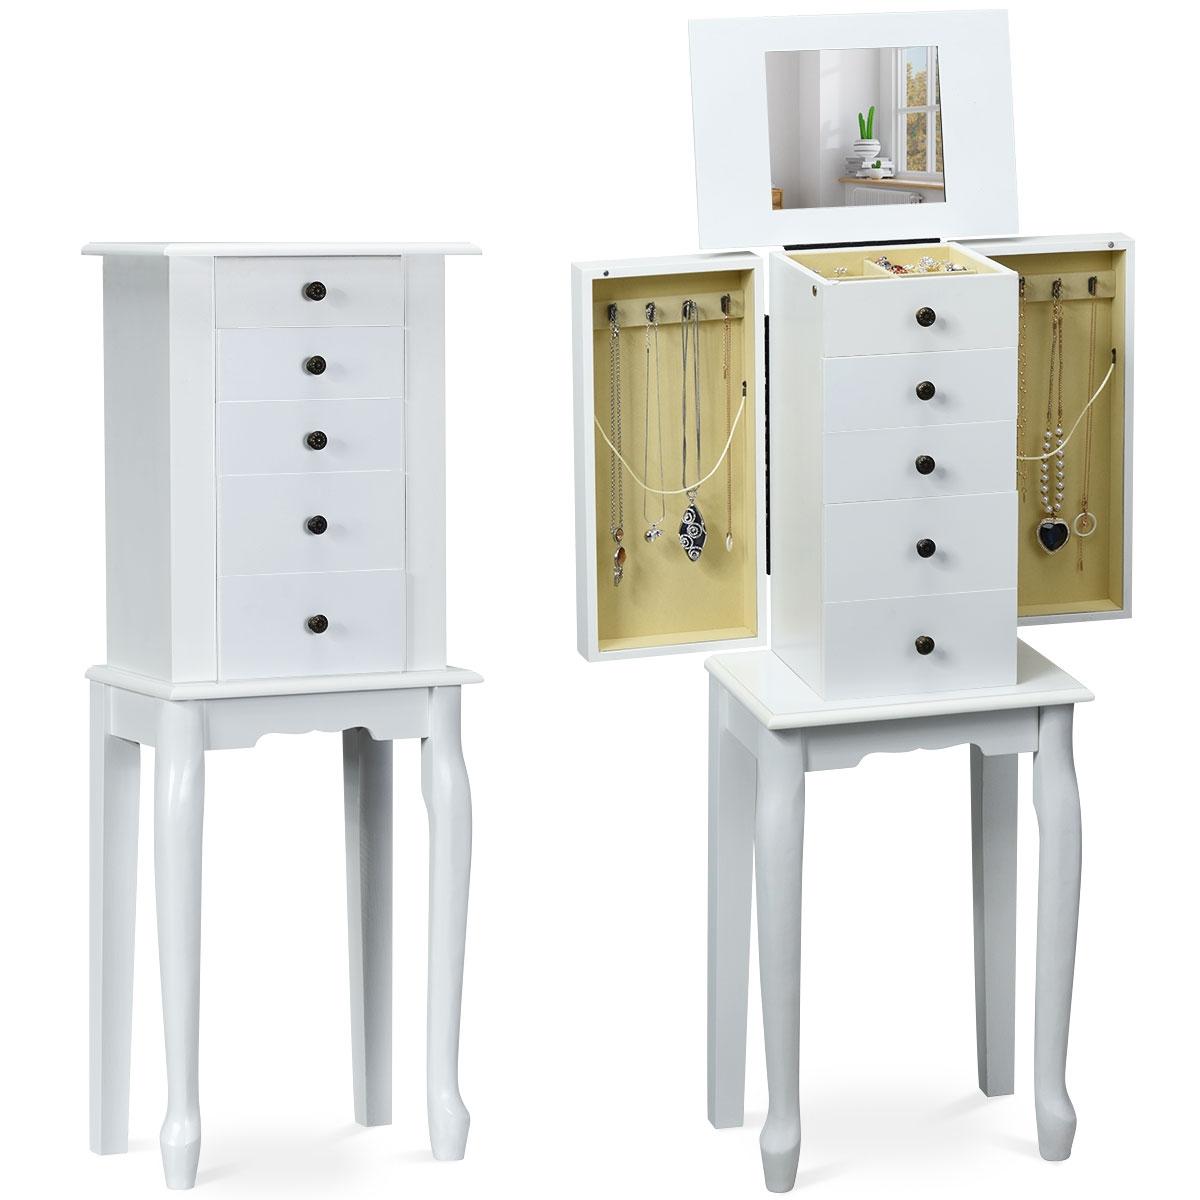 Ganci Per Appendere Collane costway armadio portagioielli in legno con spazio per anelli collane e  specchio girevole organizer per gioielli con 5 cassetti, bianco